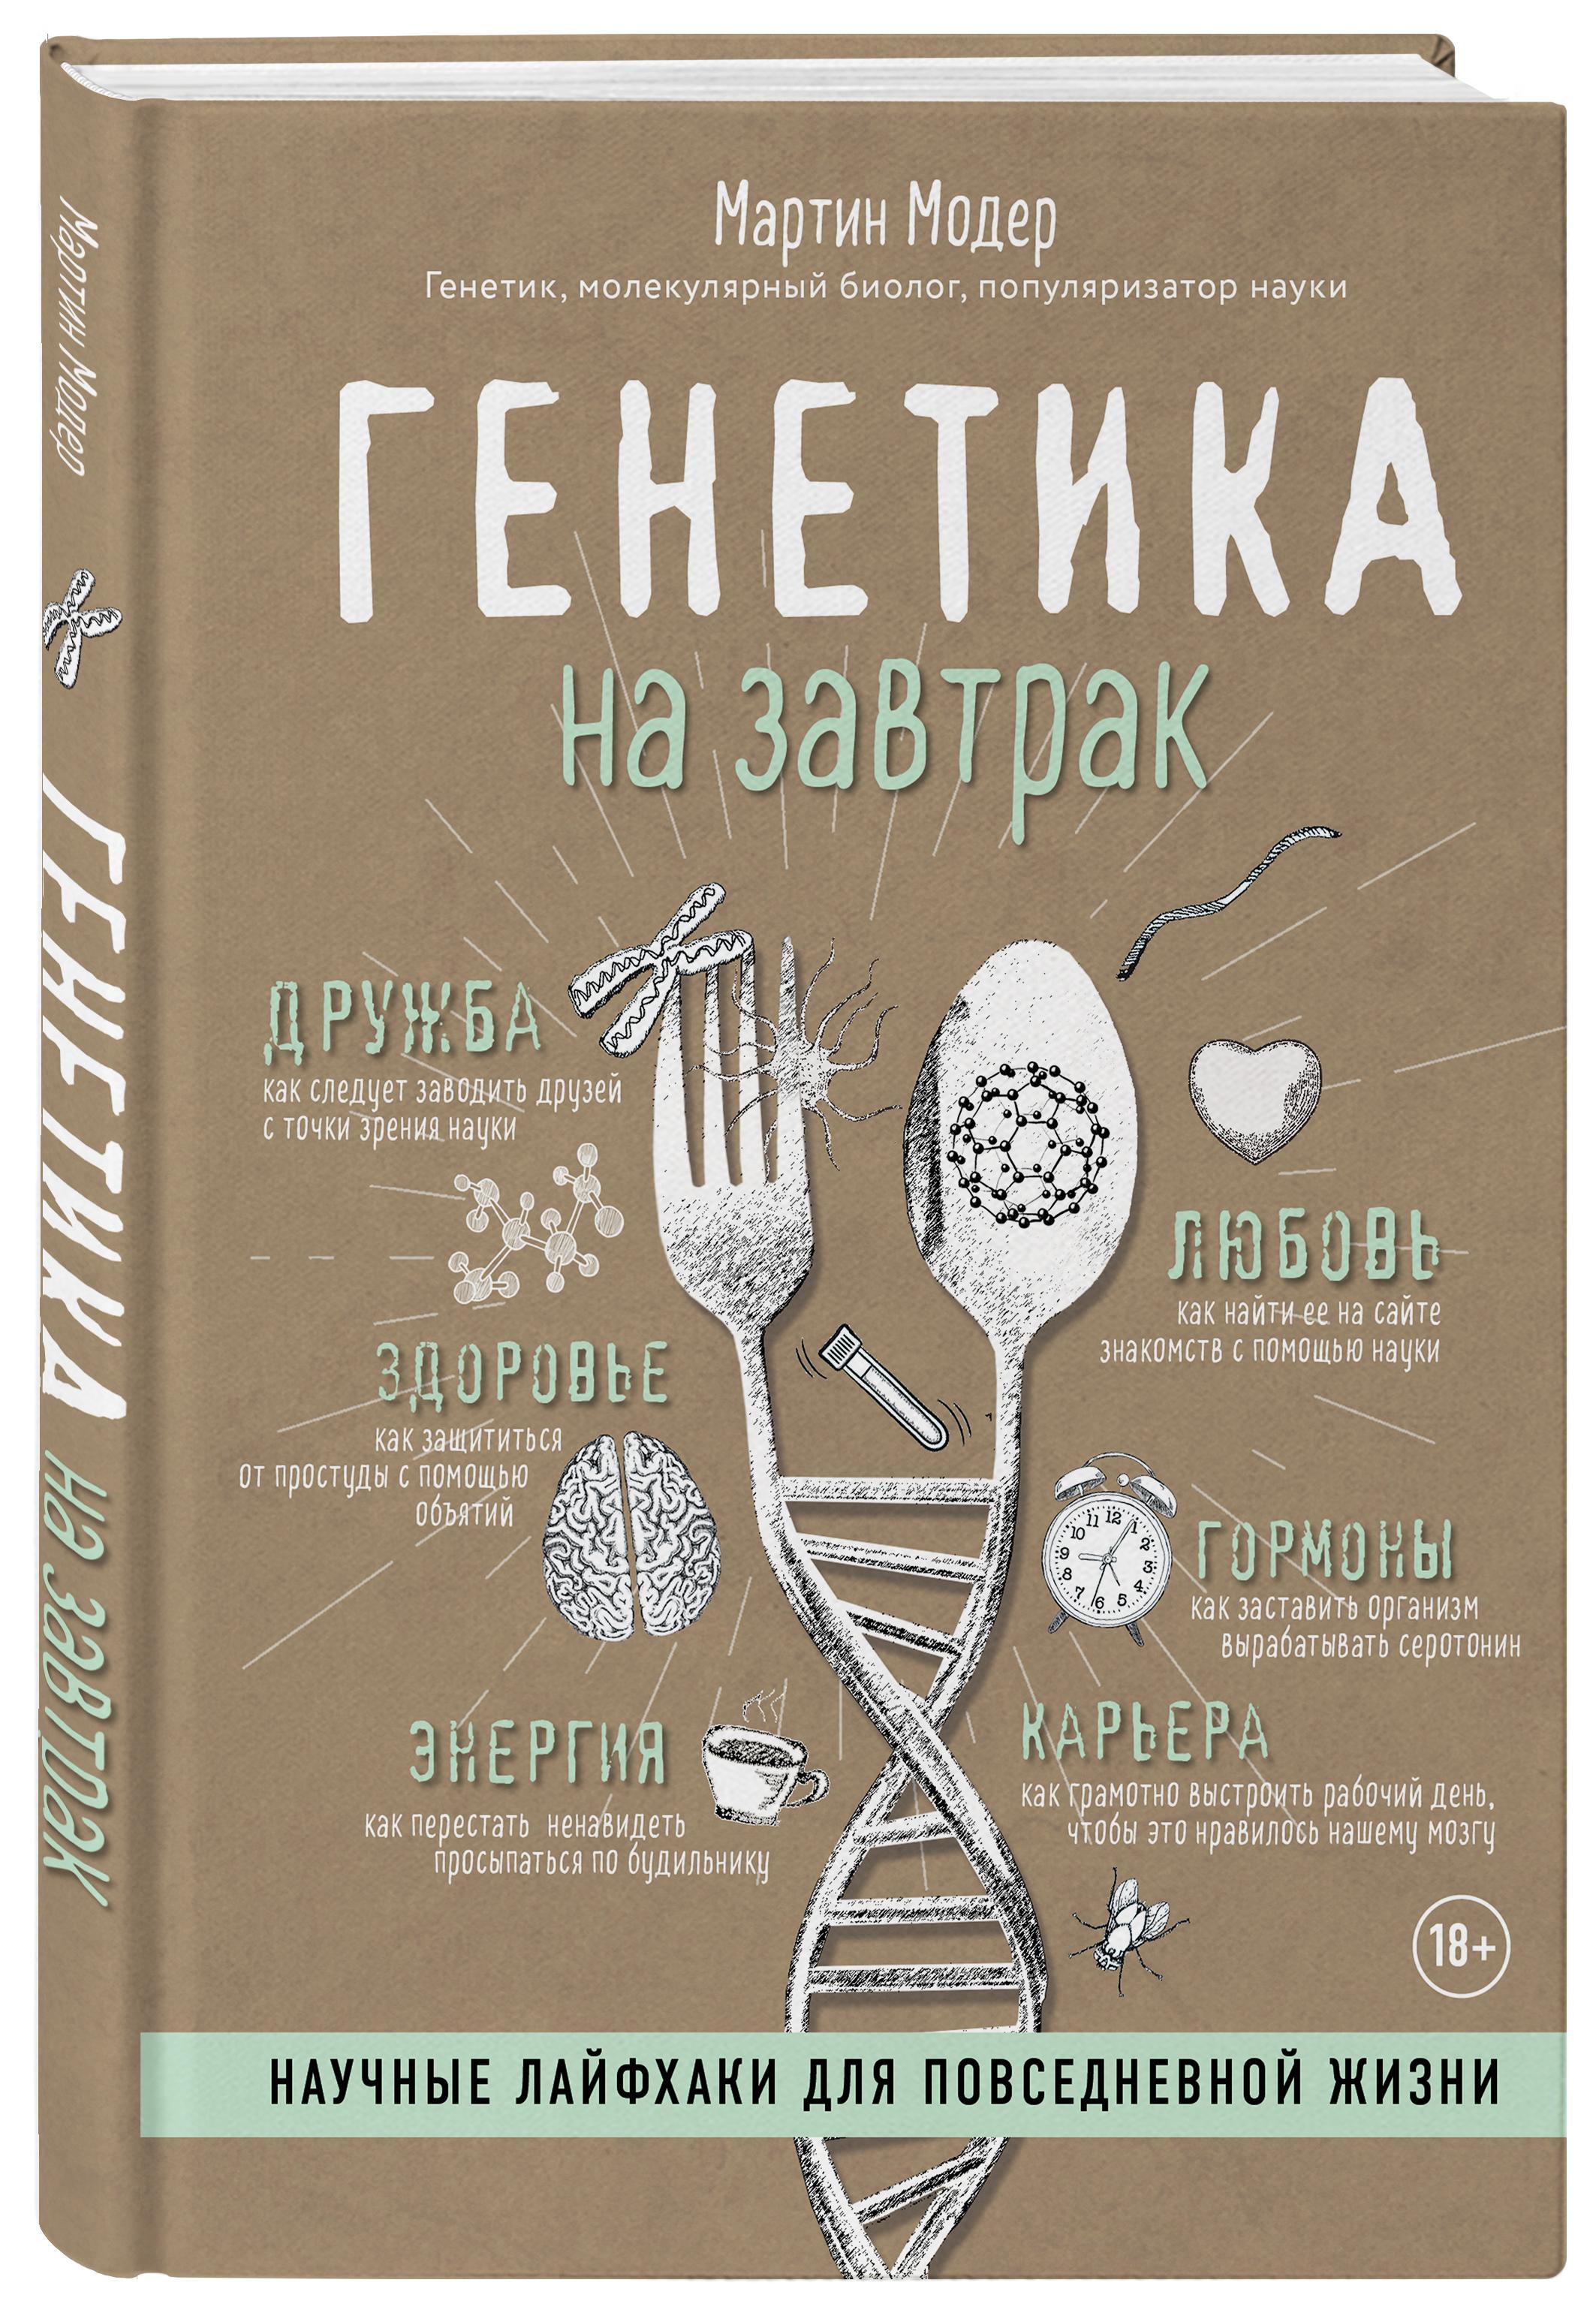 Генетика на завтрак. Научные лайфхаки для повседневной жизни ( Модер Мартин  )